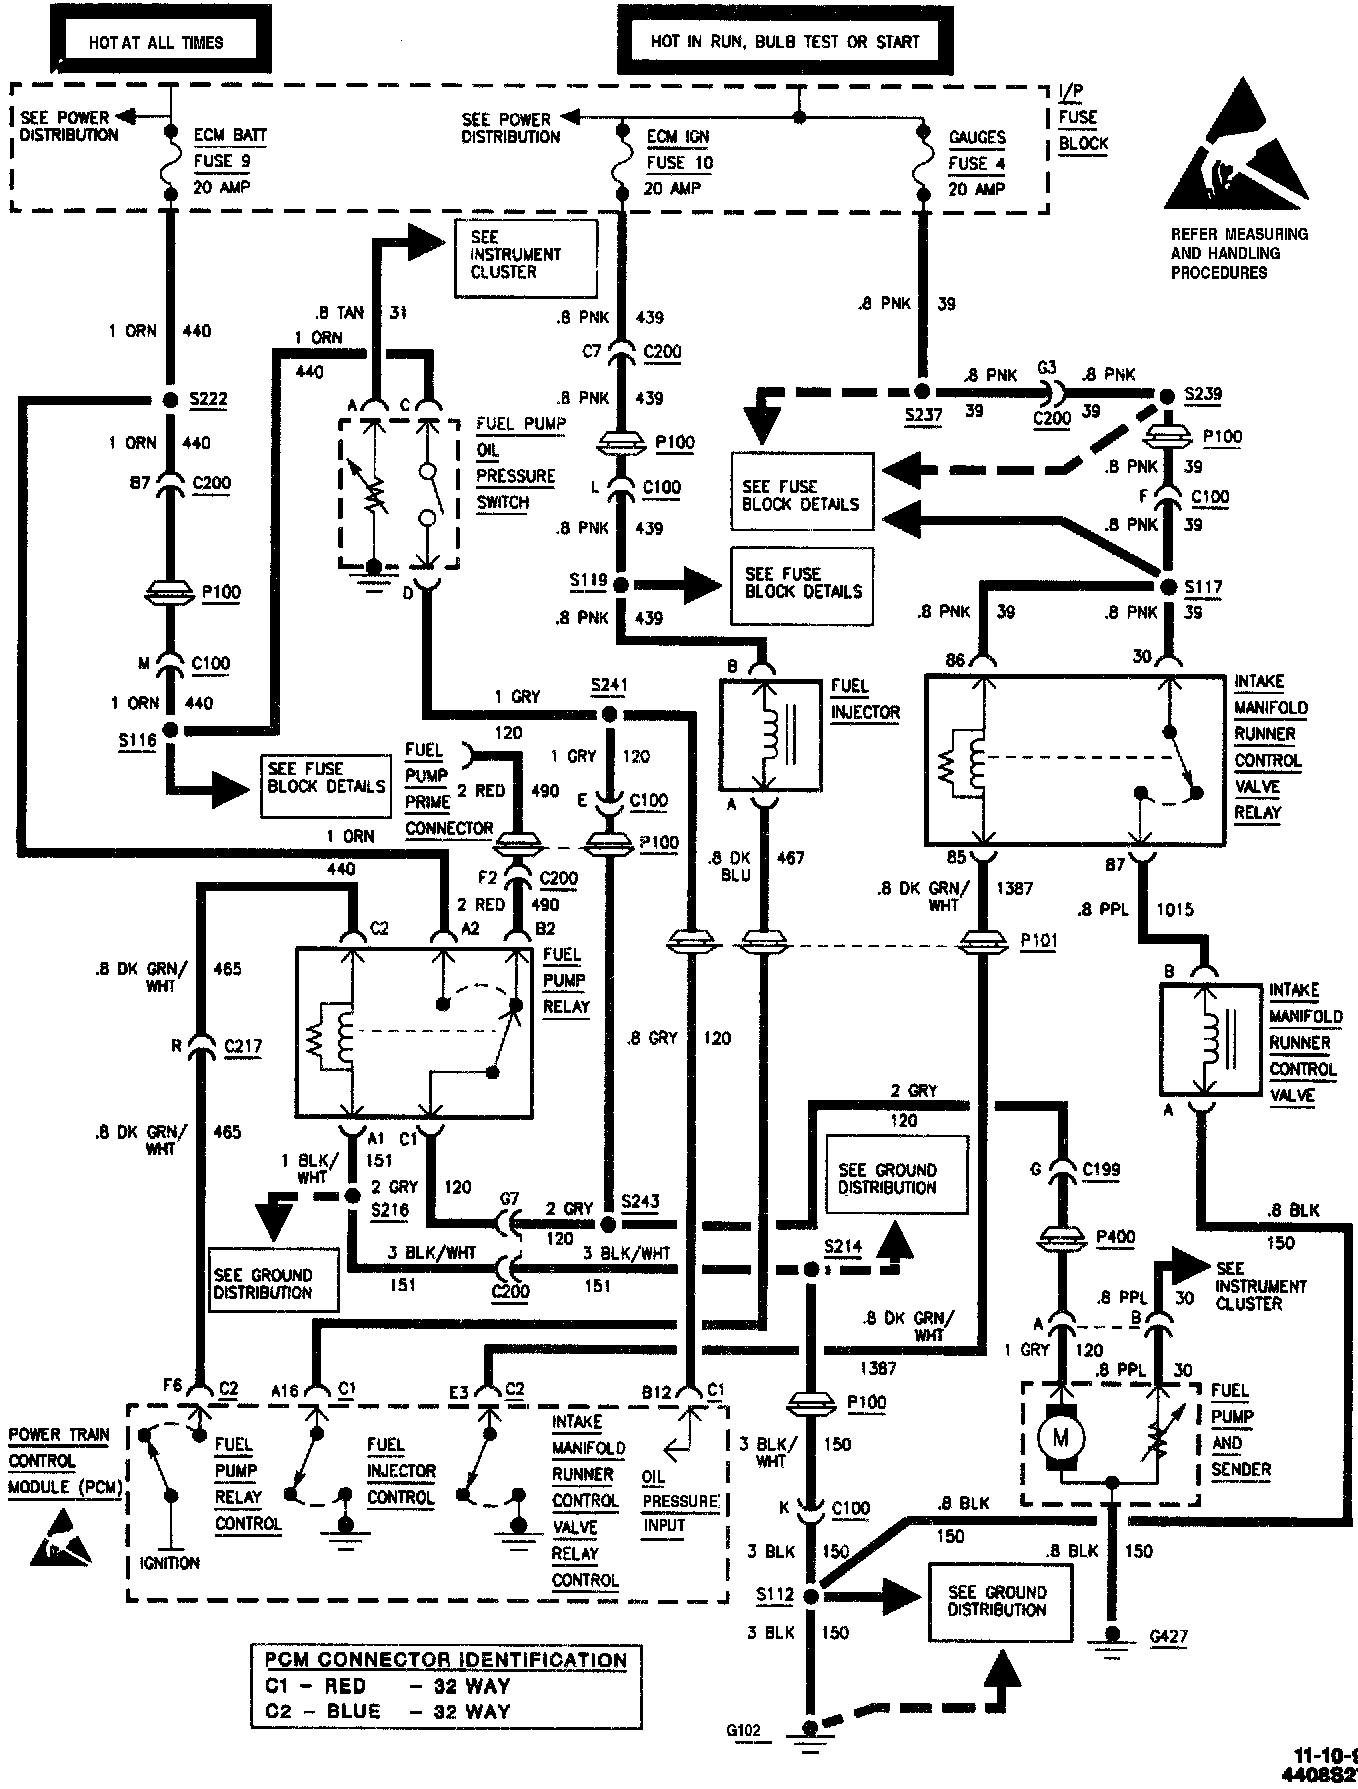 2001 Chevy Blazer Wiring Diagram 2002 Chevy Blazer Radio Wiring Schematic Chevrolet Wiring Diagrams Of 2001 Chevy Blazer Wiring Diagram